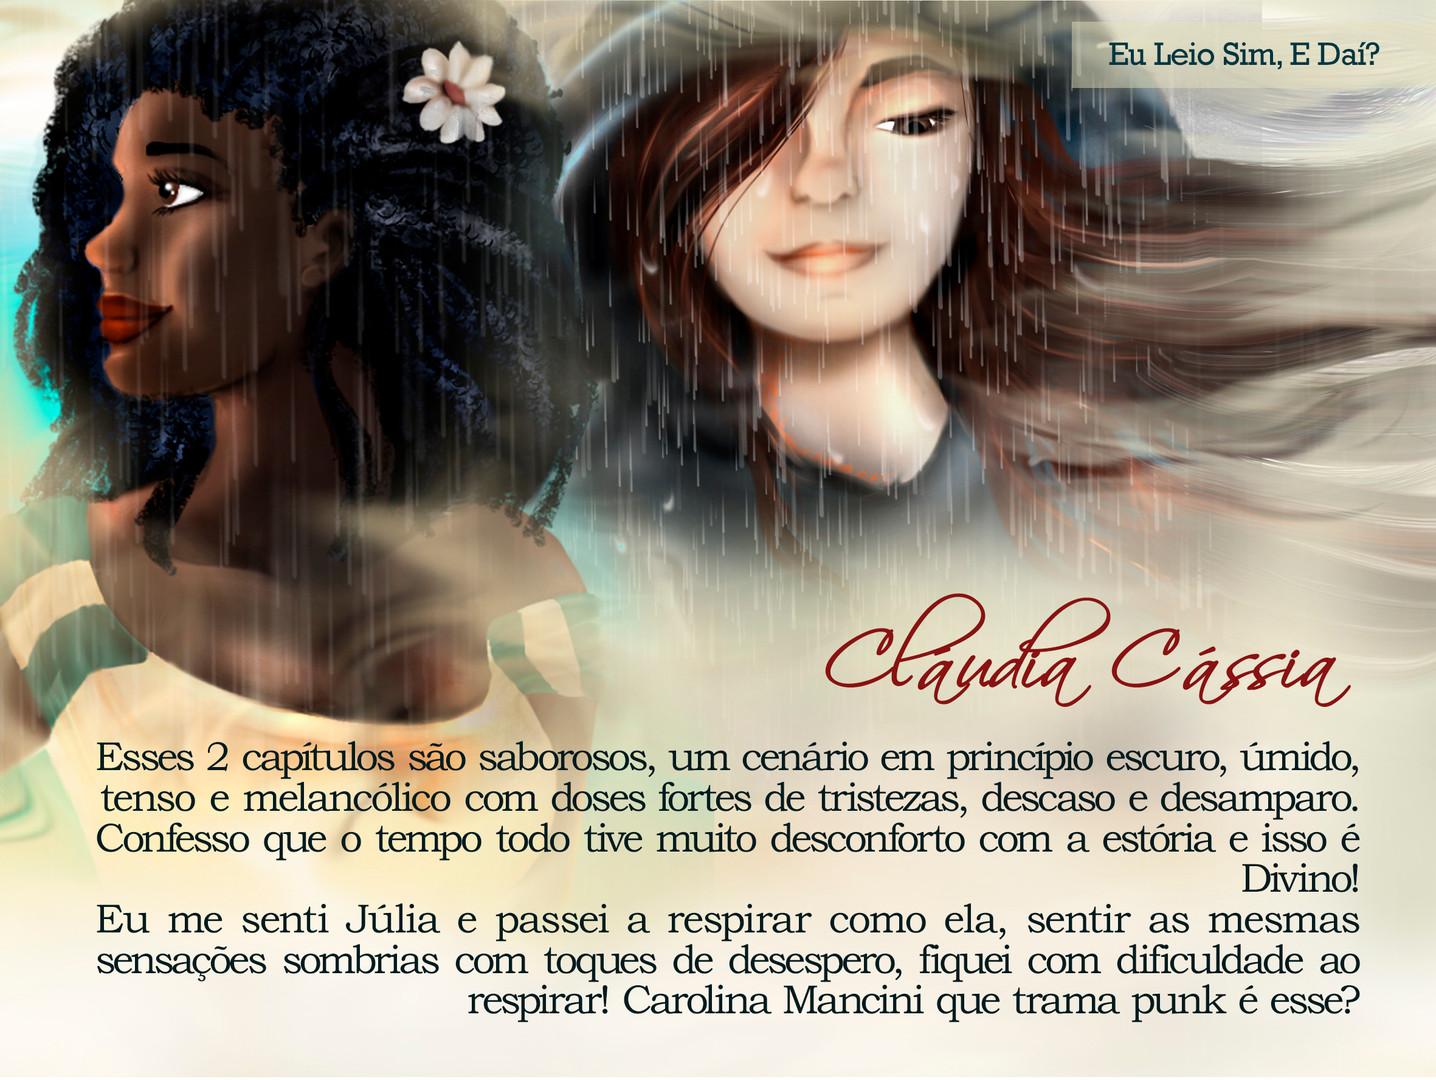 Eu_Leio_sim,_E_daí.jpg